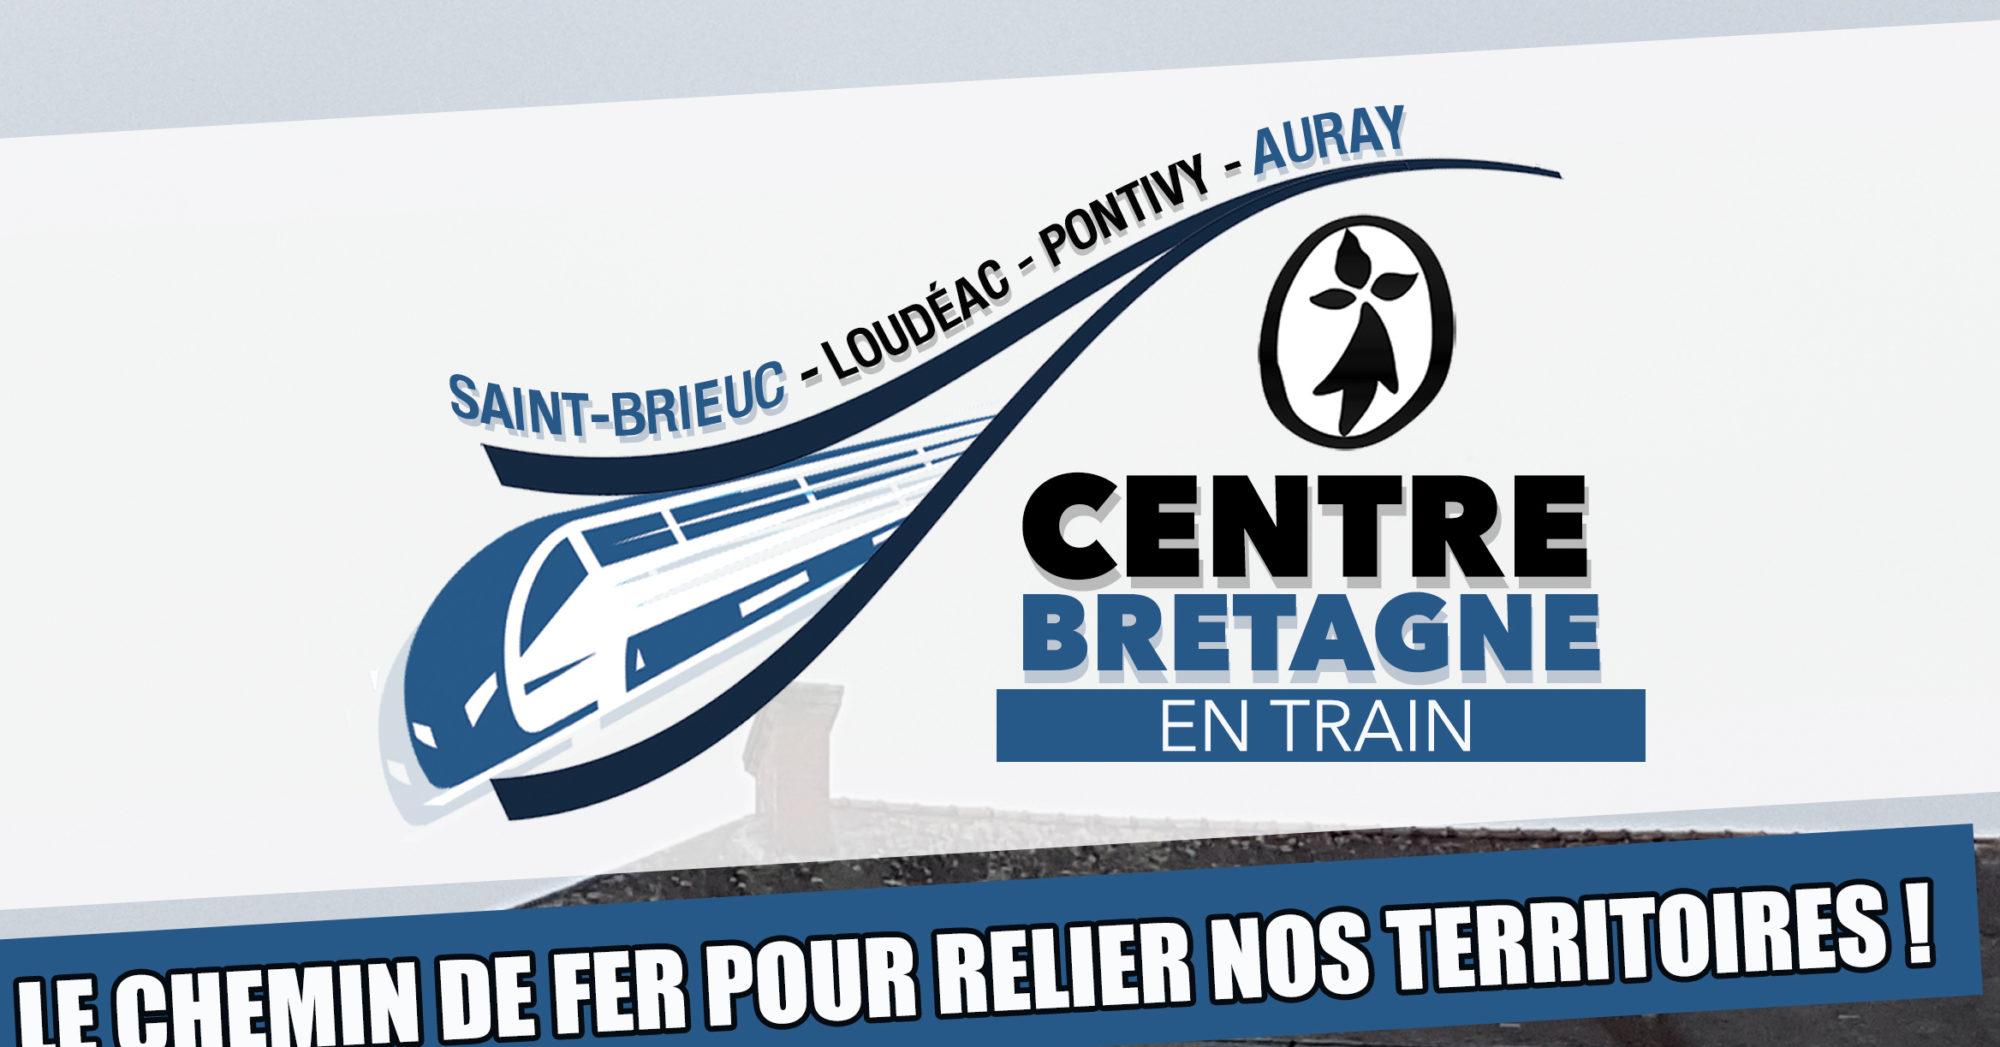 Pour la réouverture de la ligne SNCF Saint-Brieuc-Auray